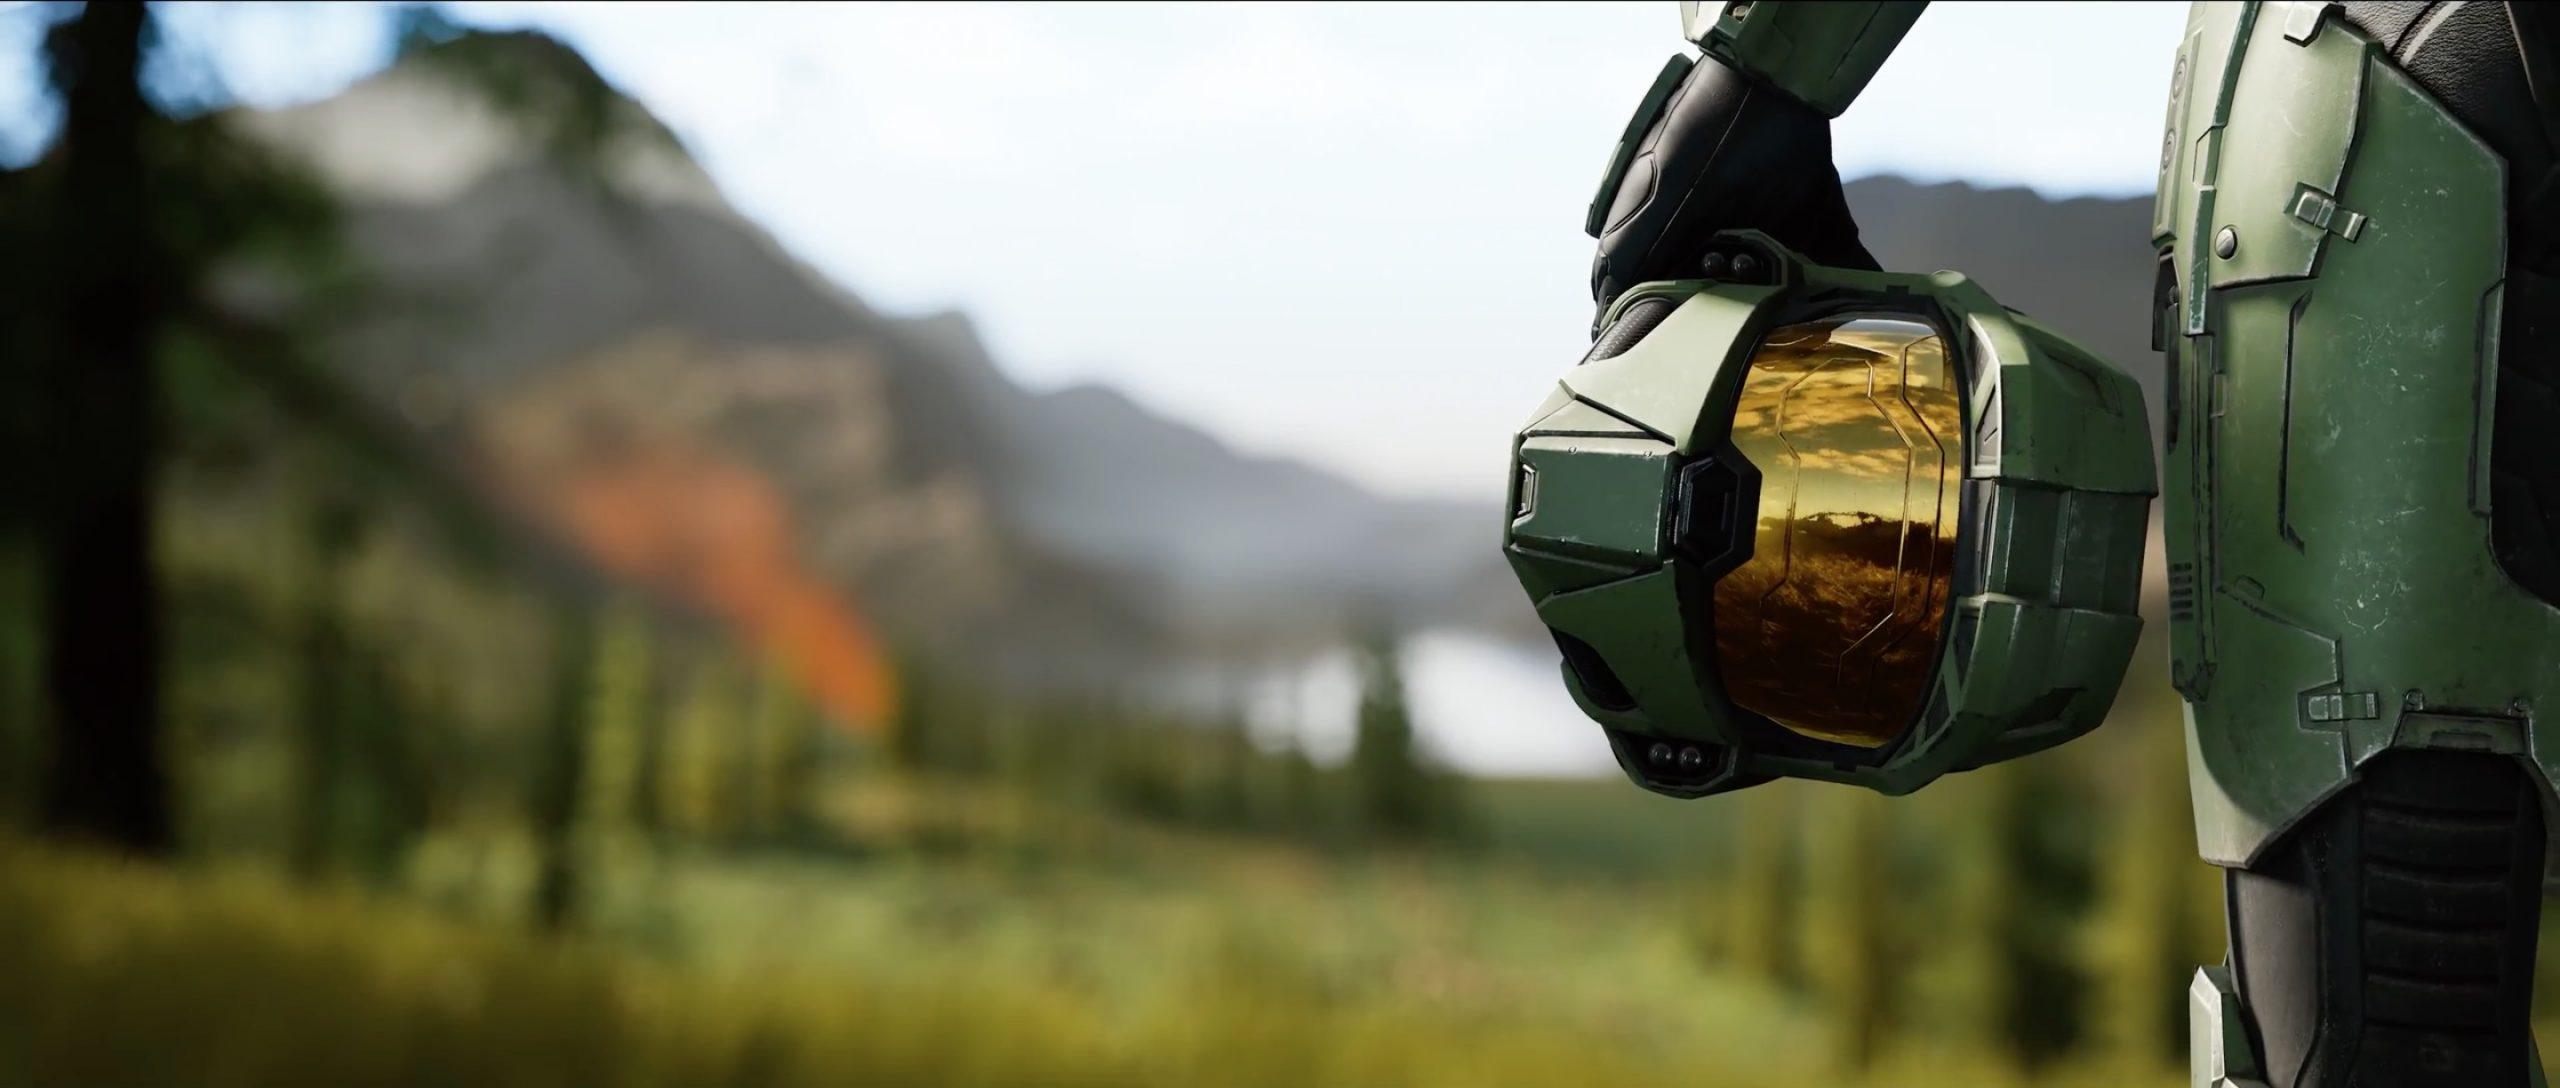 Xbox Onerako jokoek ezin dute Xbox X serierako jokoak mugatu